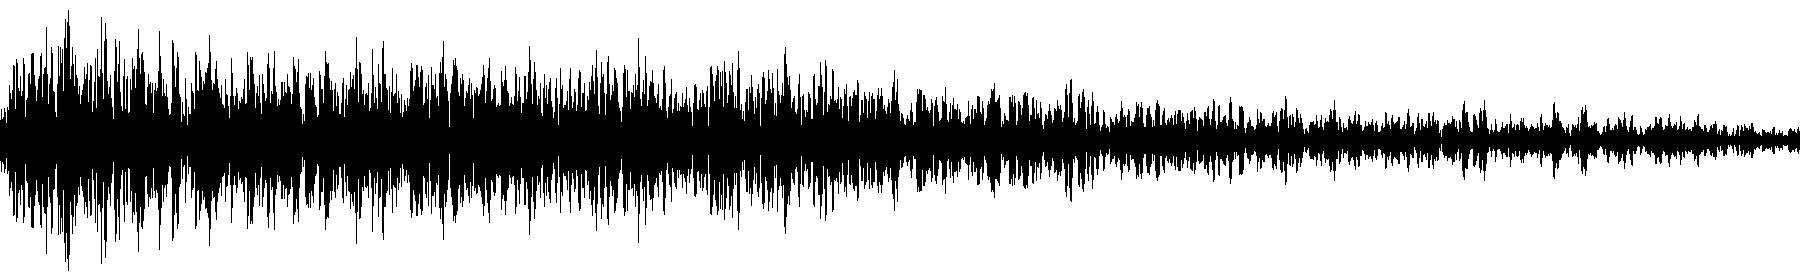 vedh synth cut 102 fm